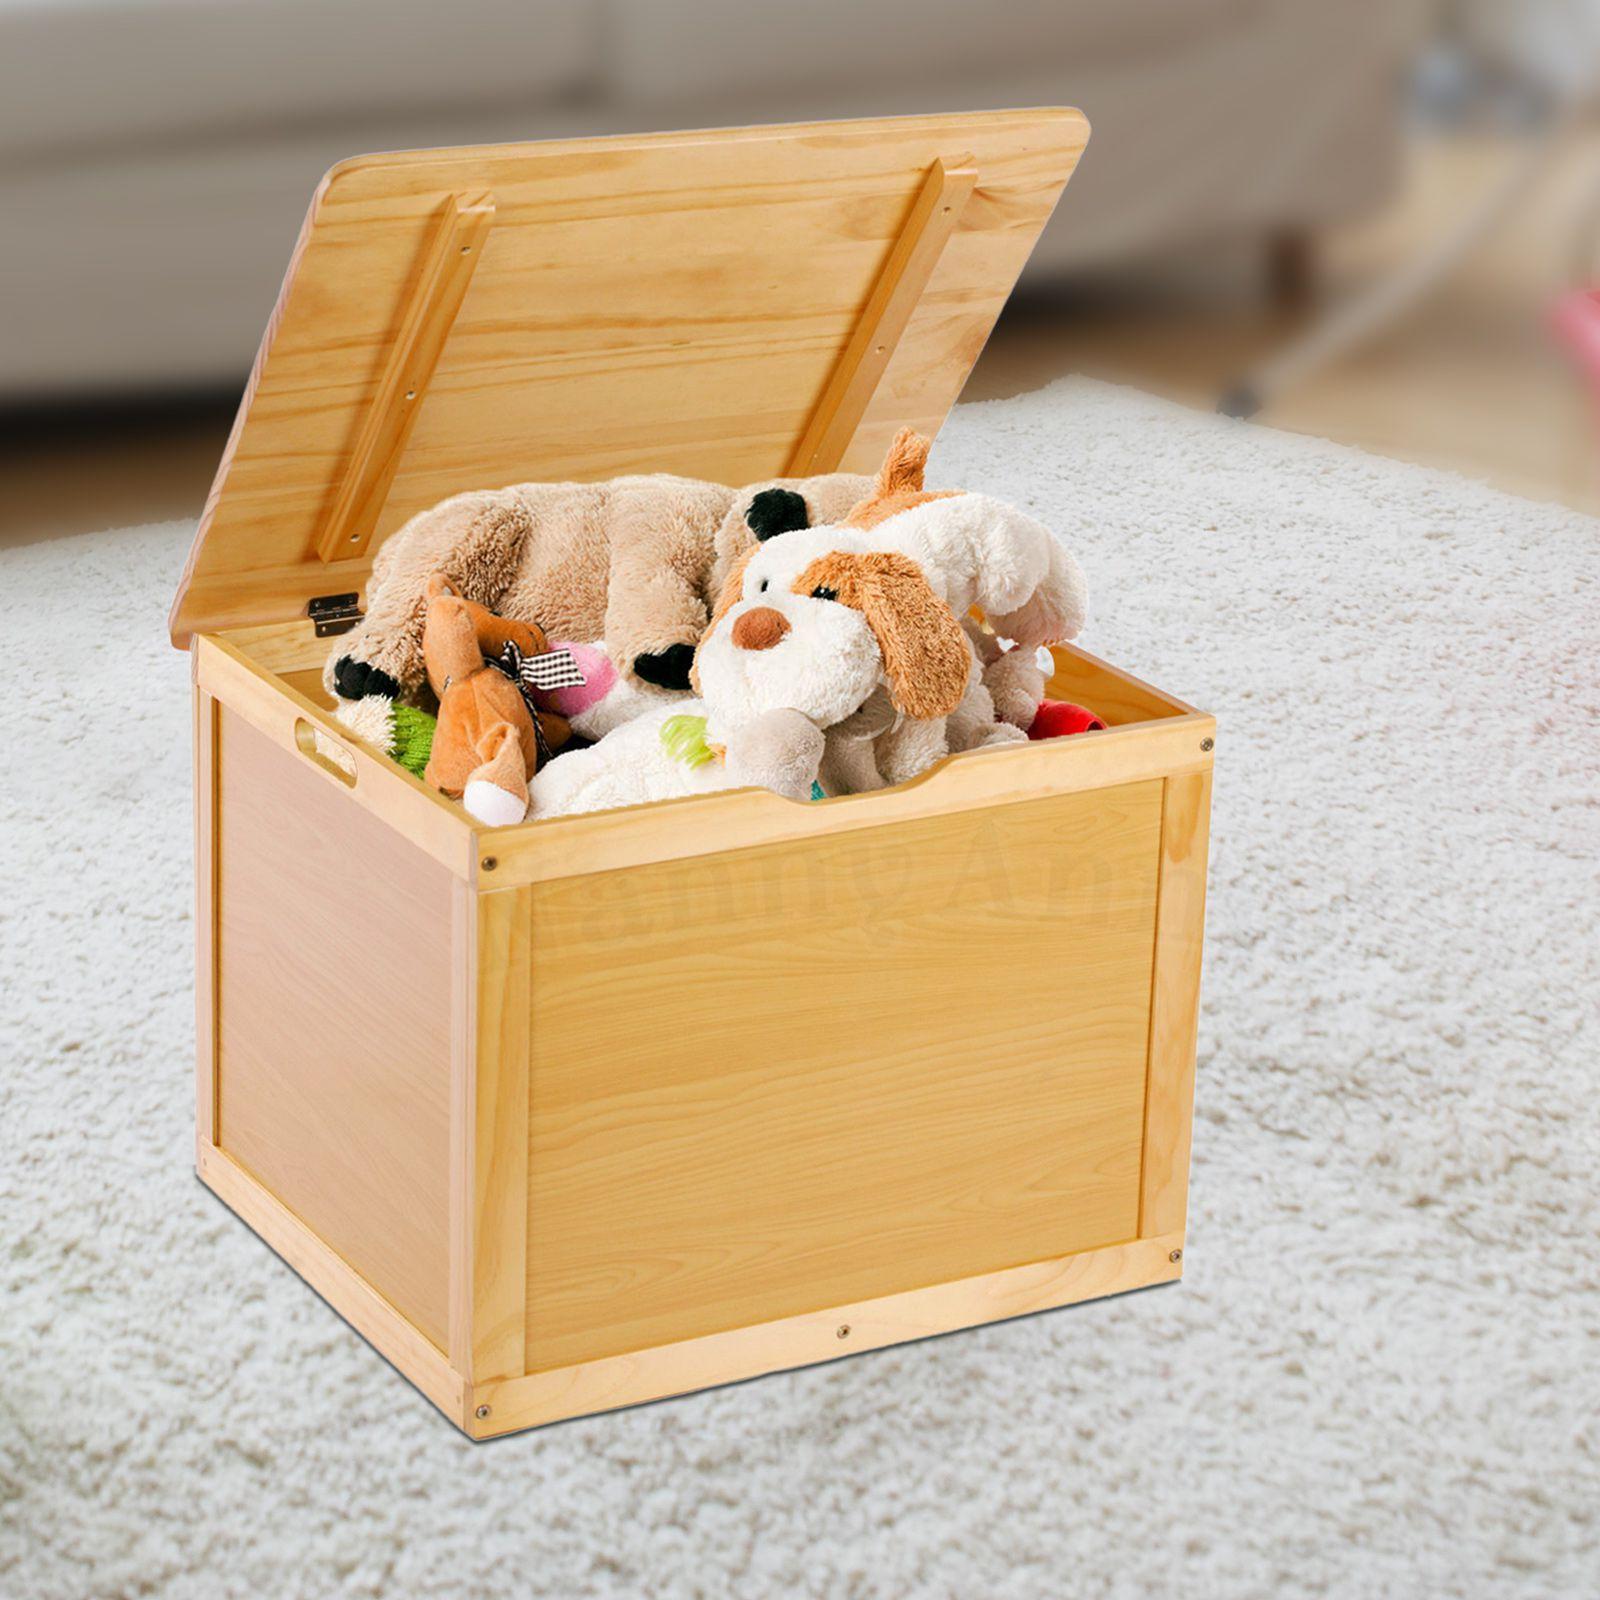 & TikkTokk BOSS Toy Box | Kids Wooden Toy Box - Tikk Tokk Aboutintivar.Com